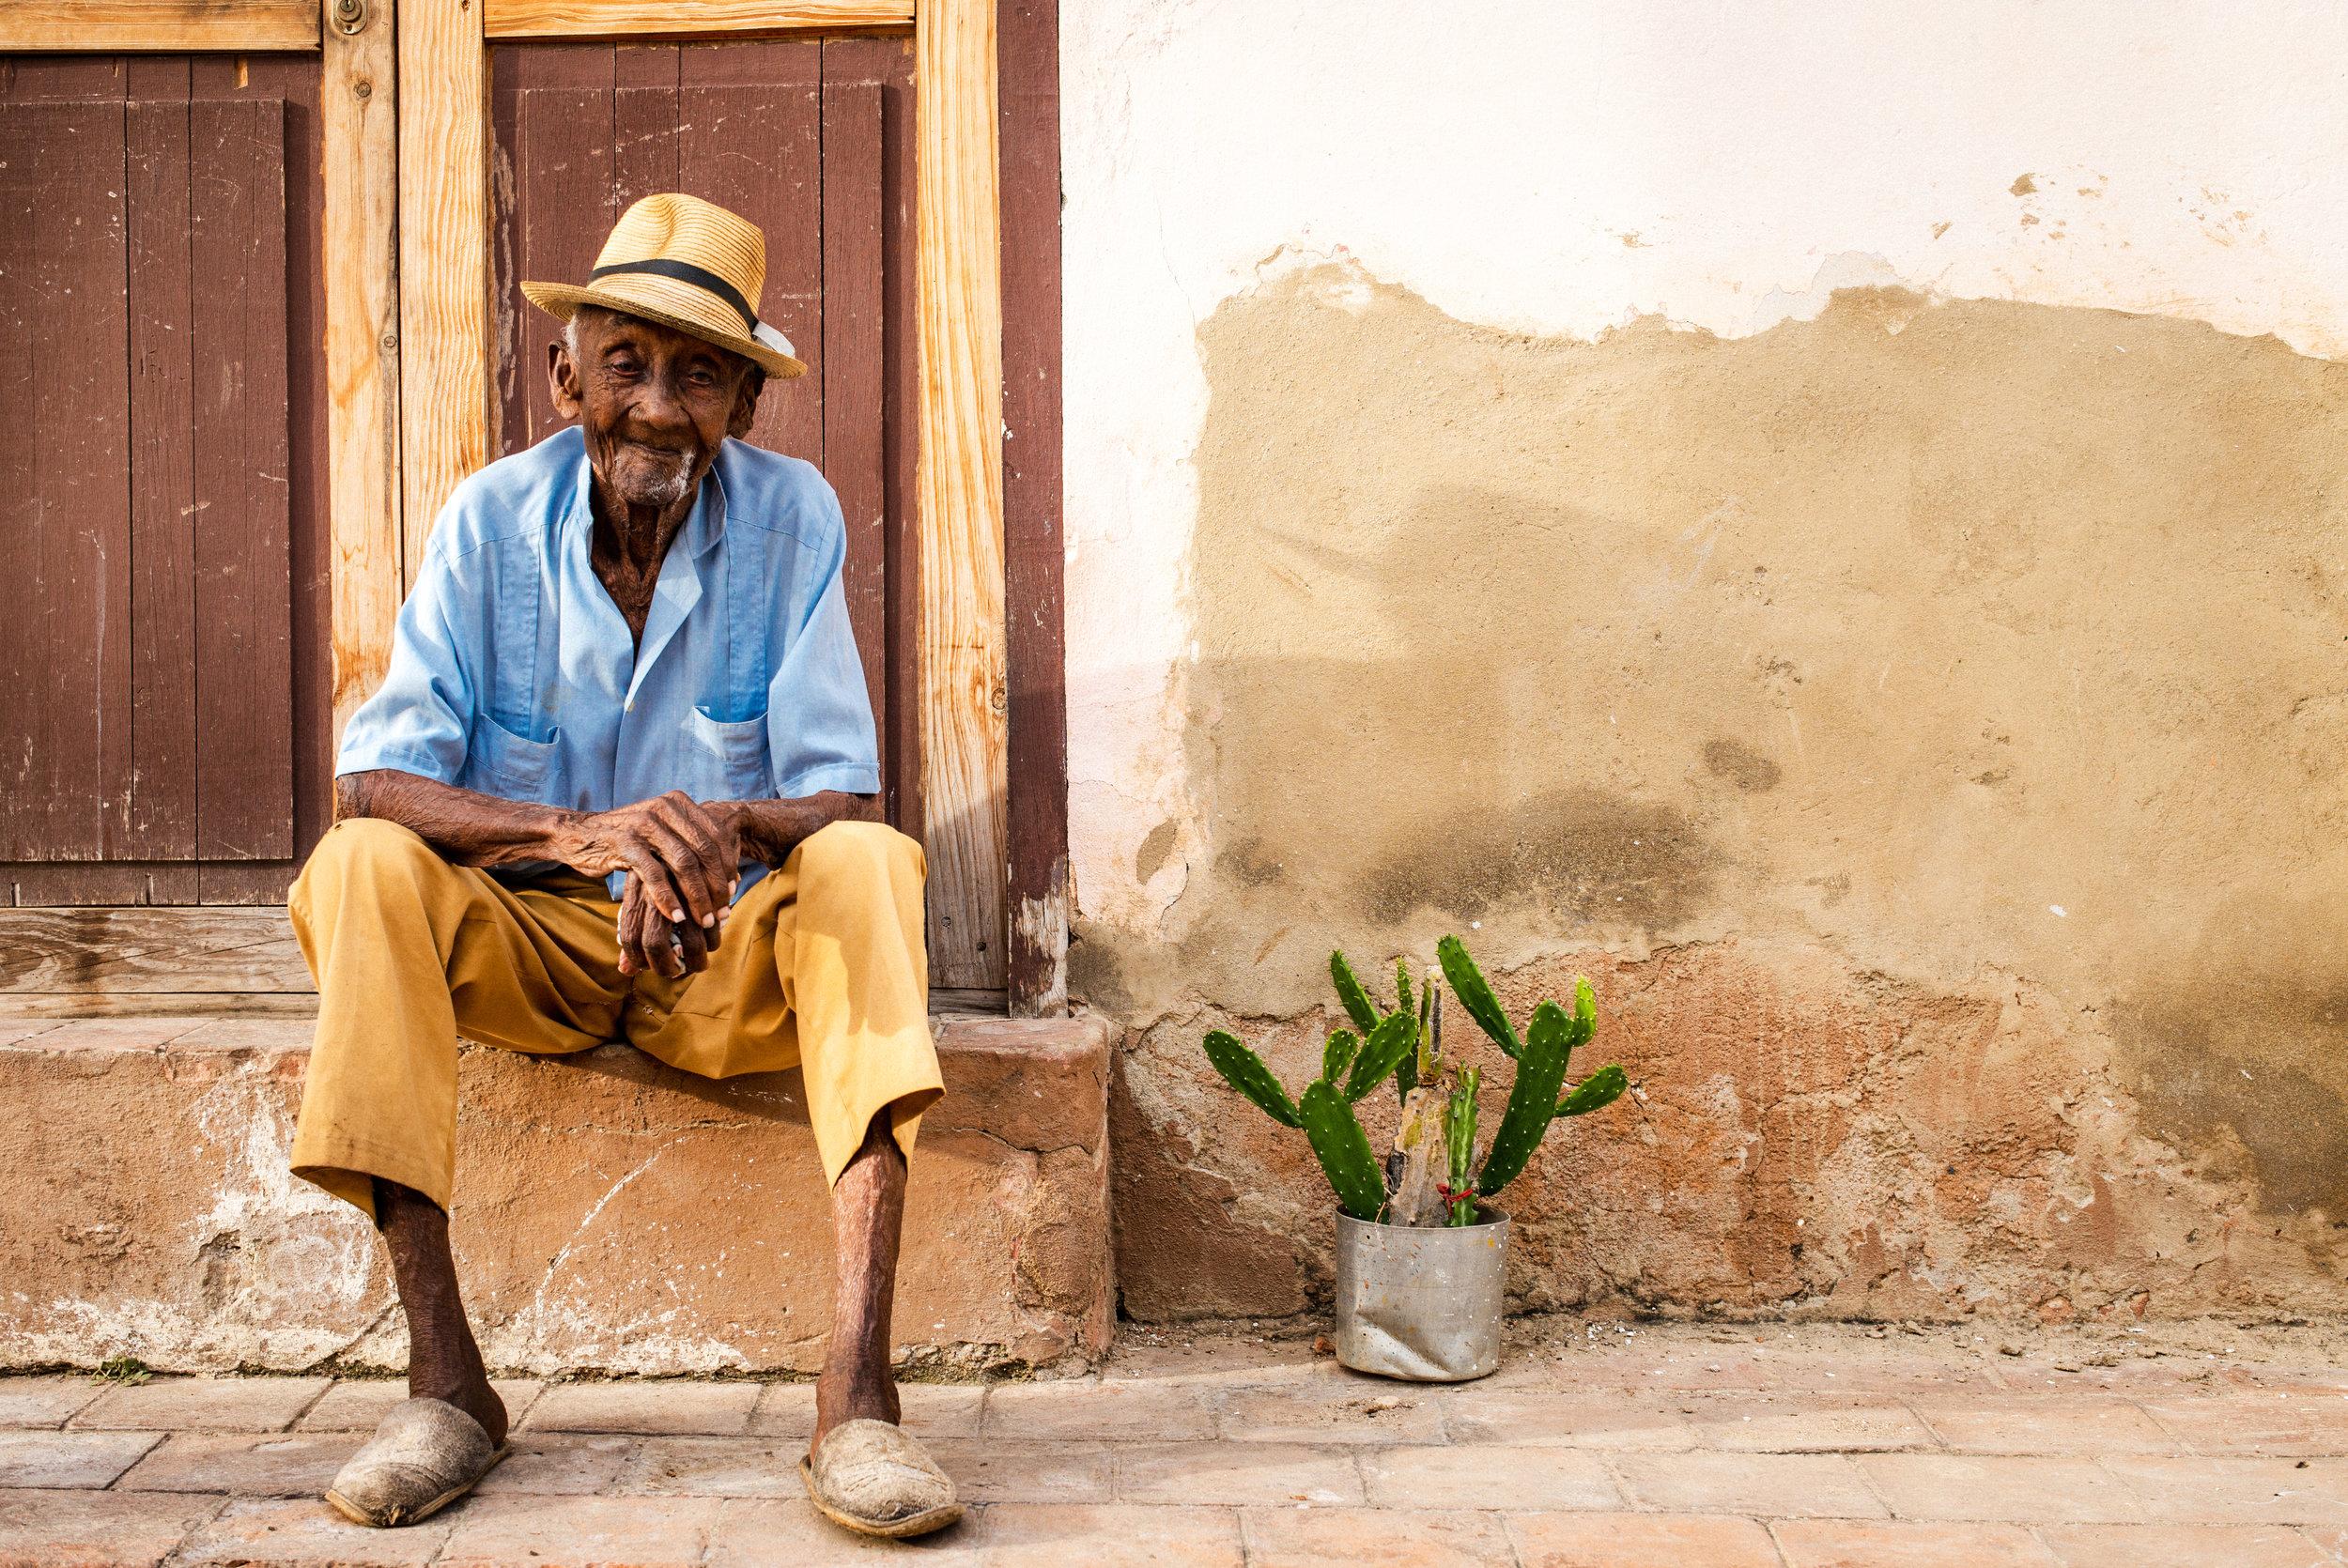 der 99 jährige und sein Kaktus exklusiv bie artdealersZH